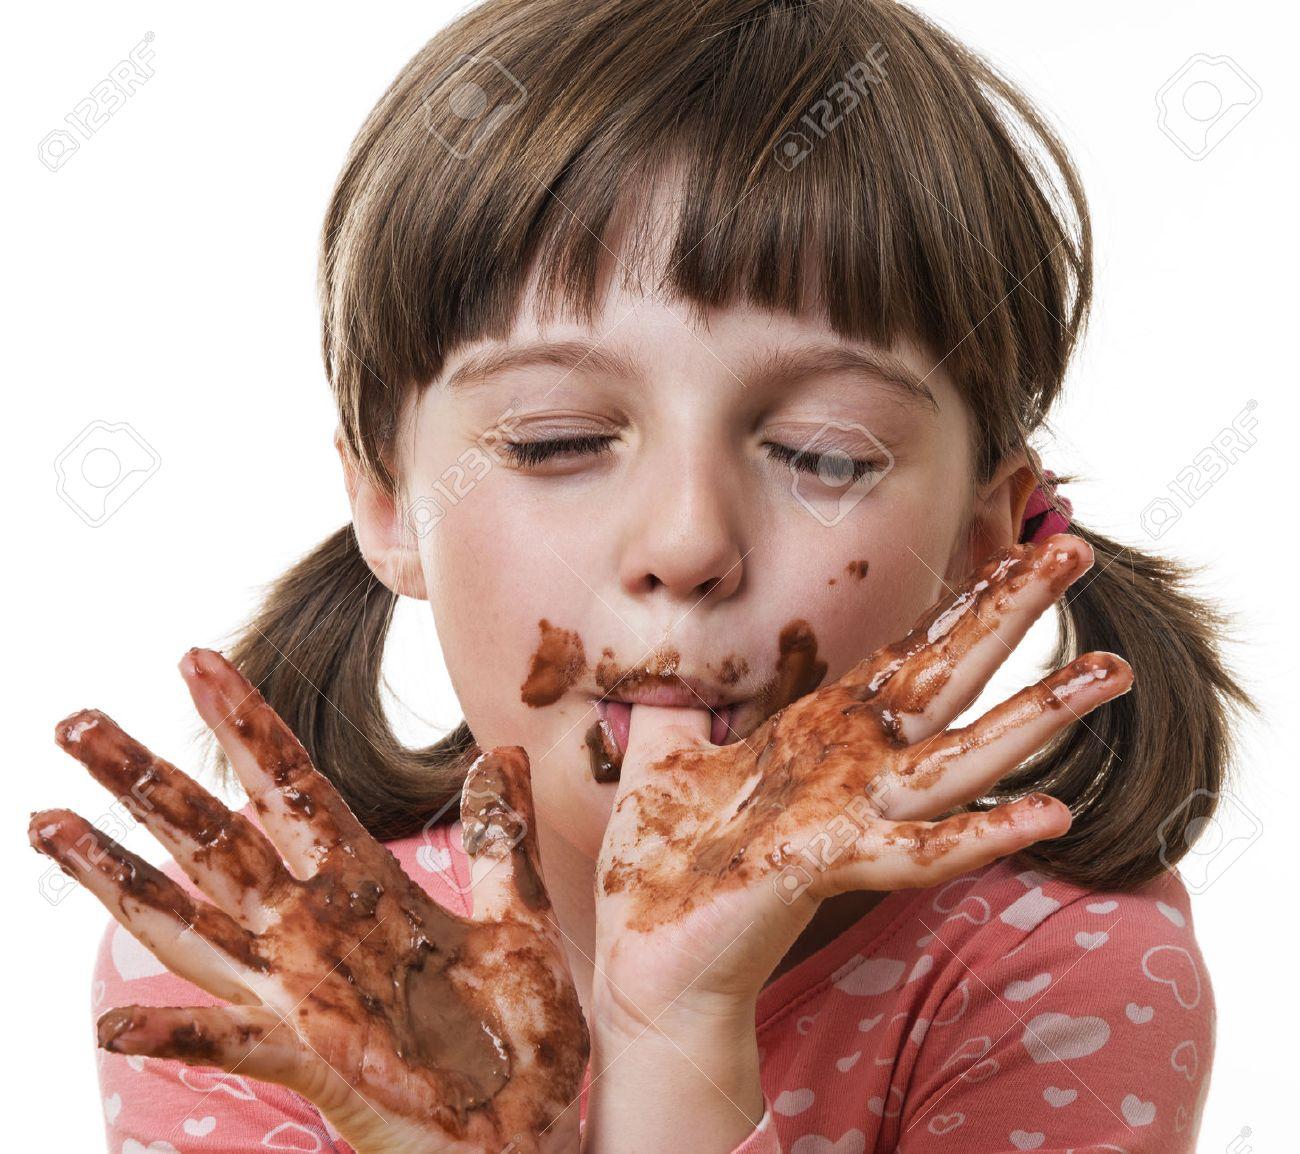 Дети едят шоколад фото